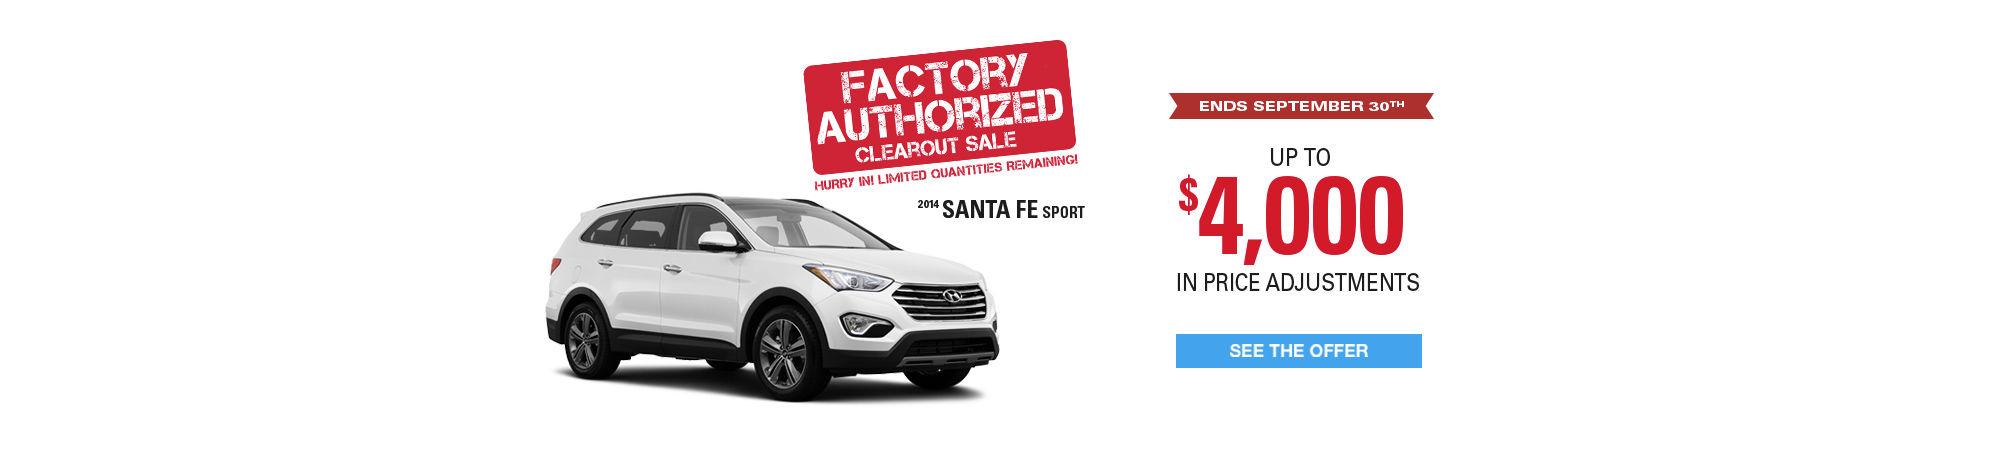 SantaFe - Authorized Factory